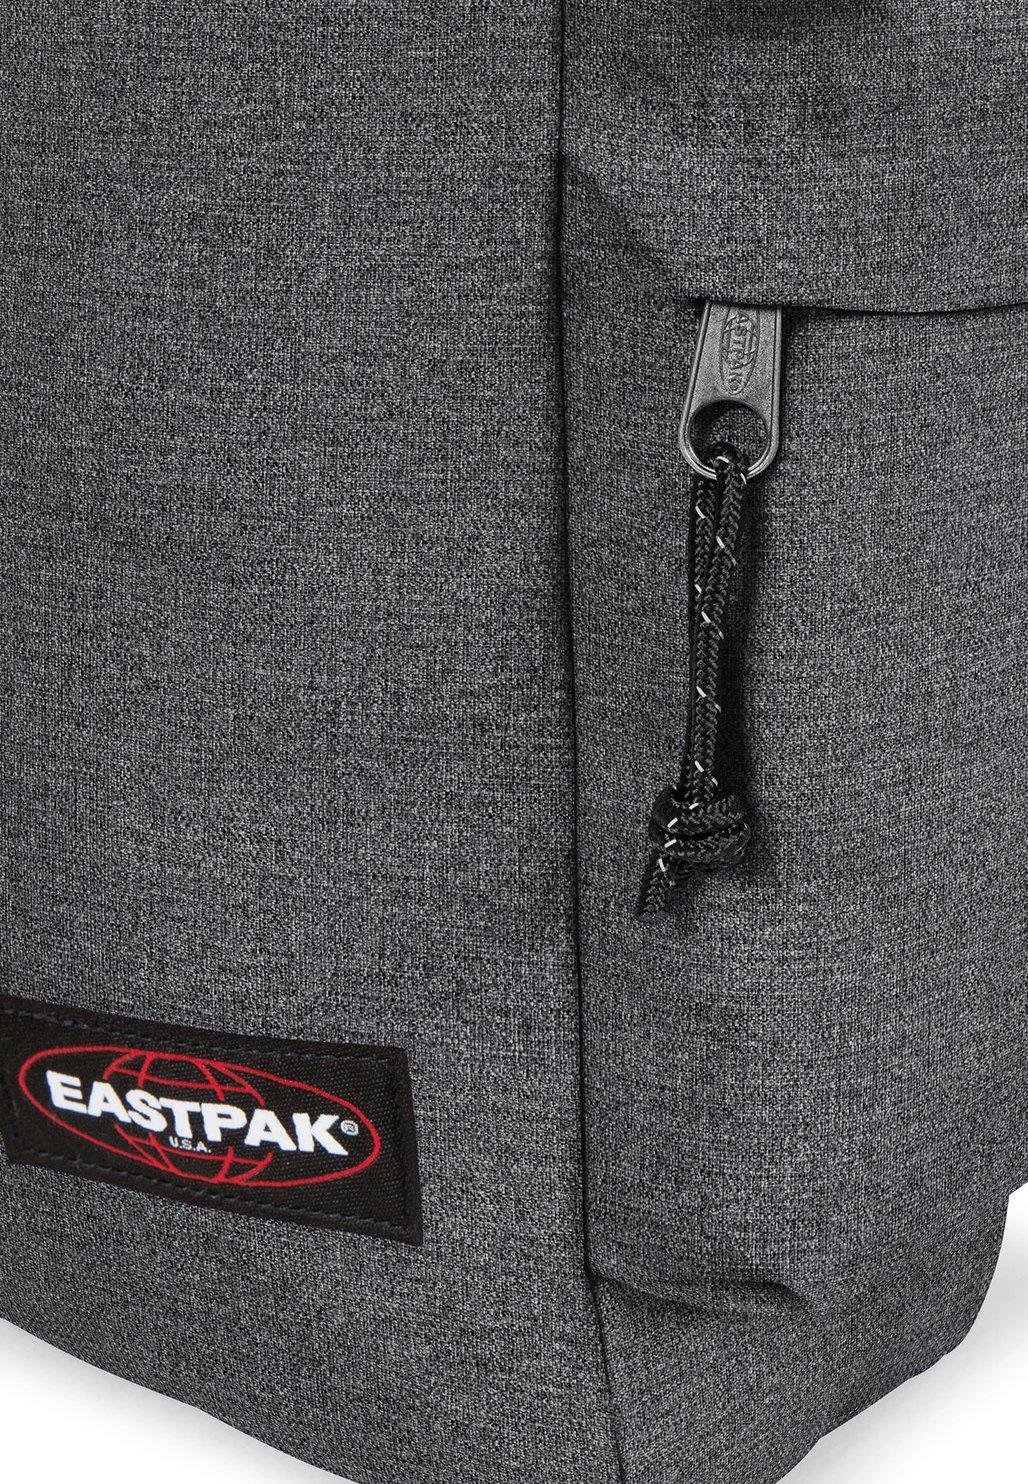 Eastpak Core Colors - Sac À Dos Black